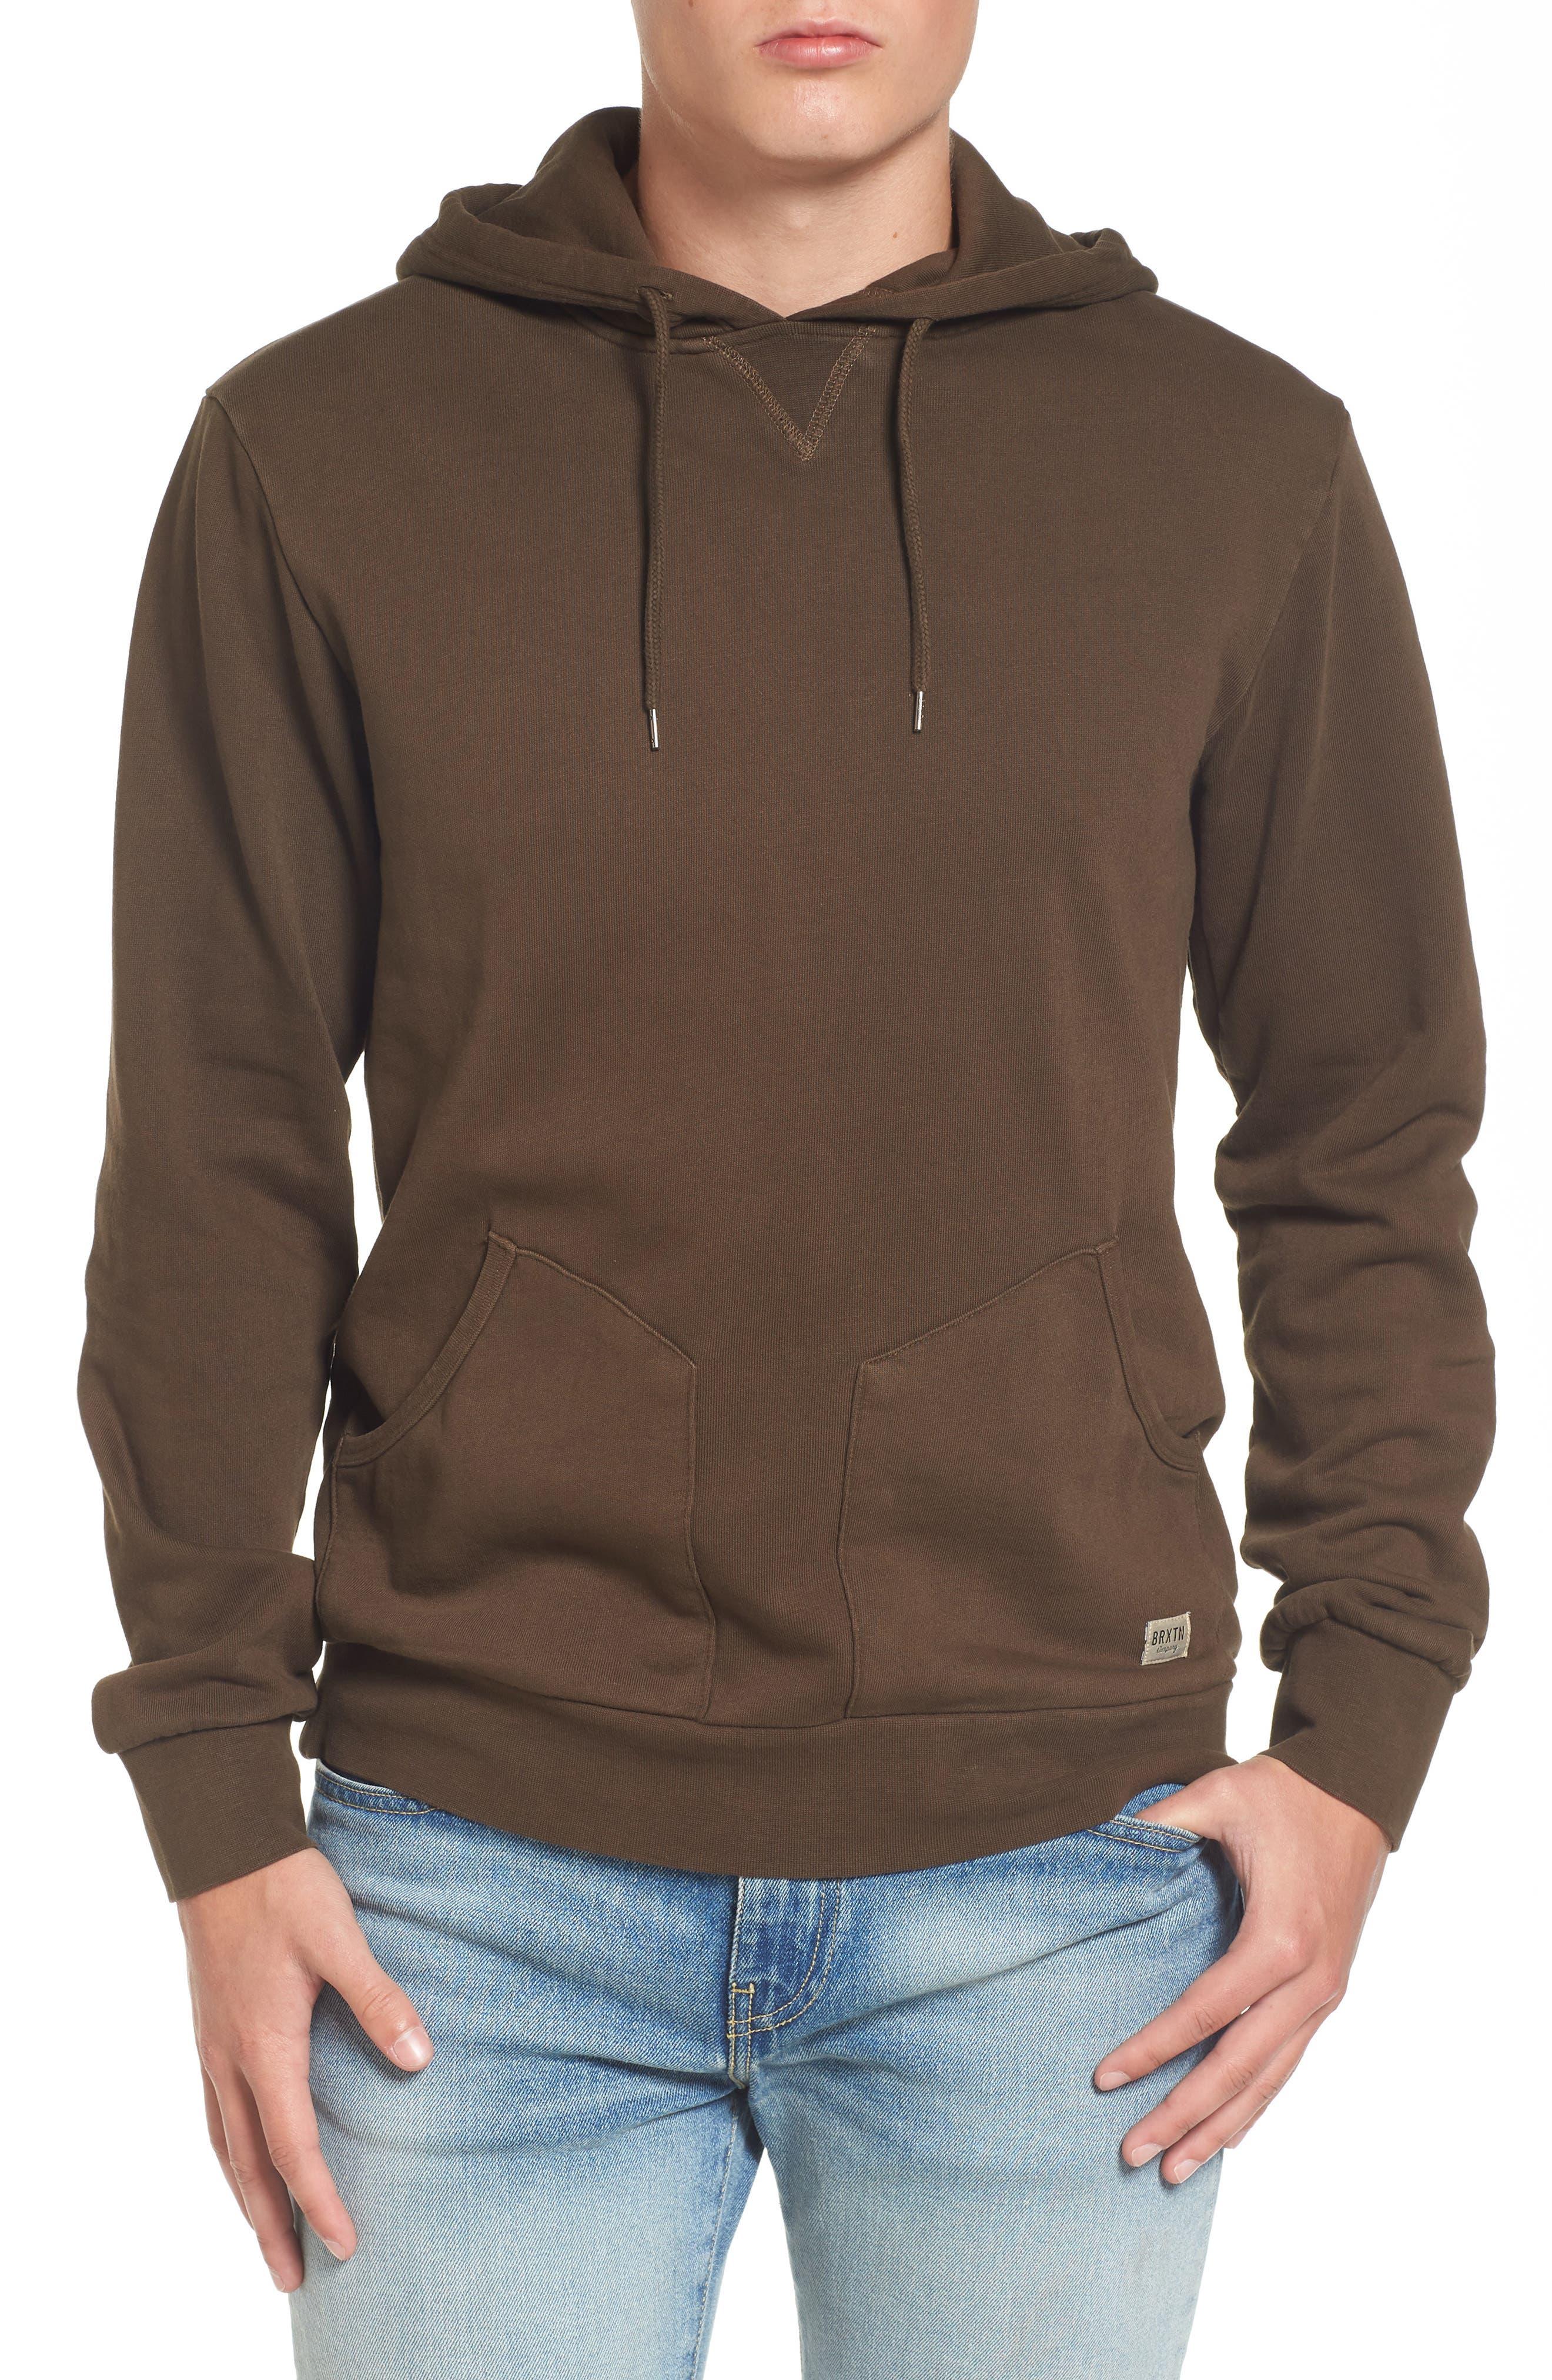 Brixton Hooded Fleece Sweatshirt